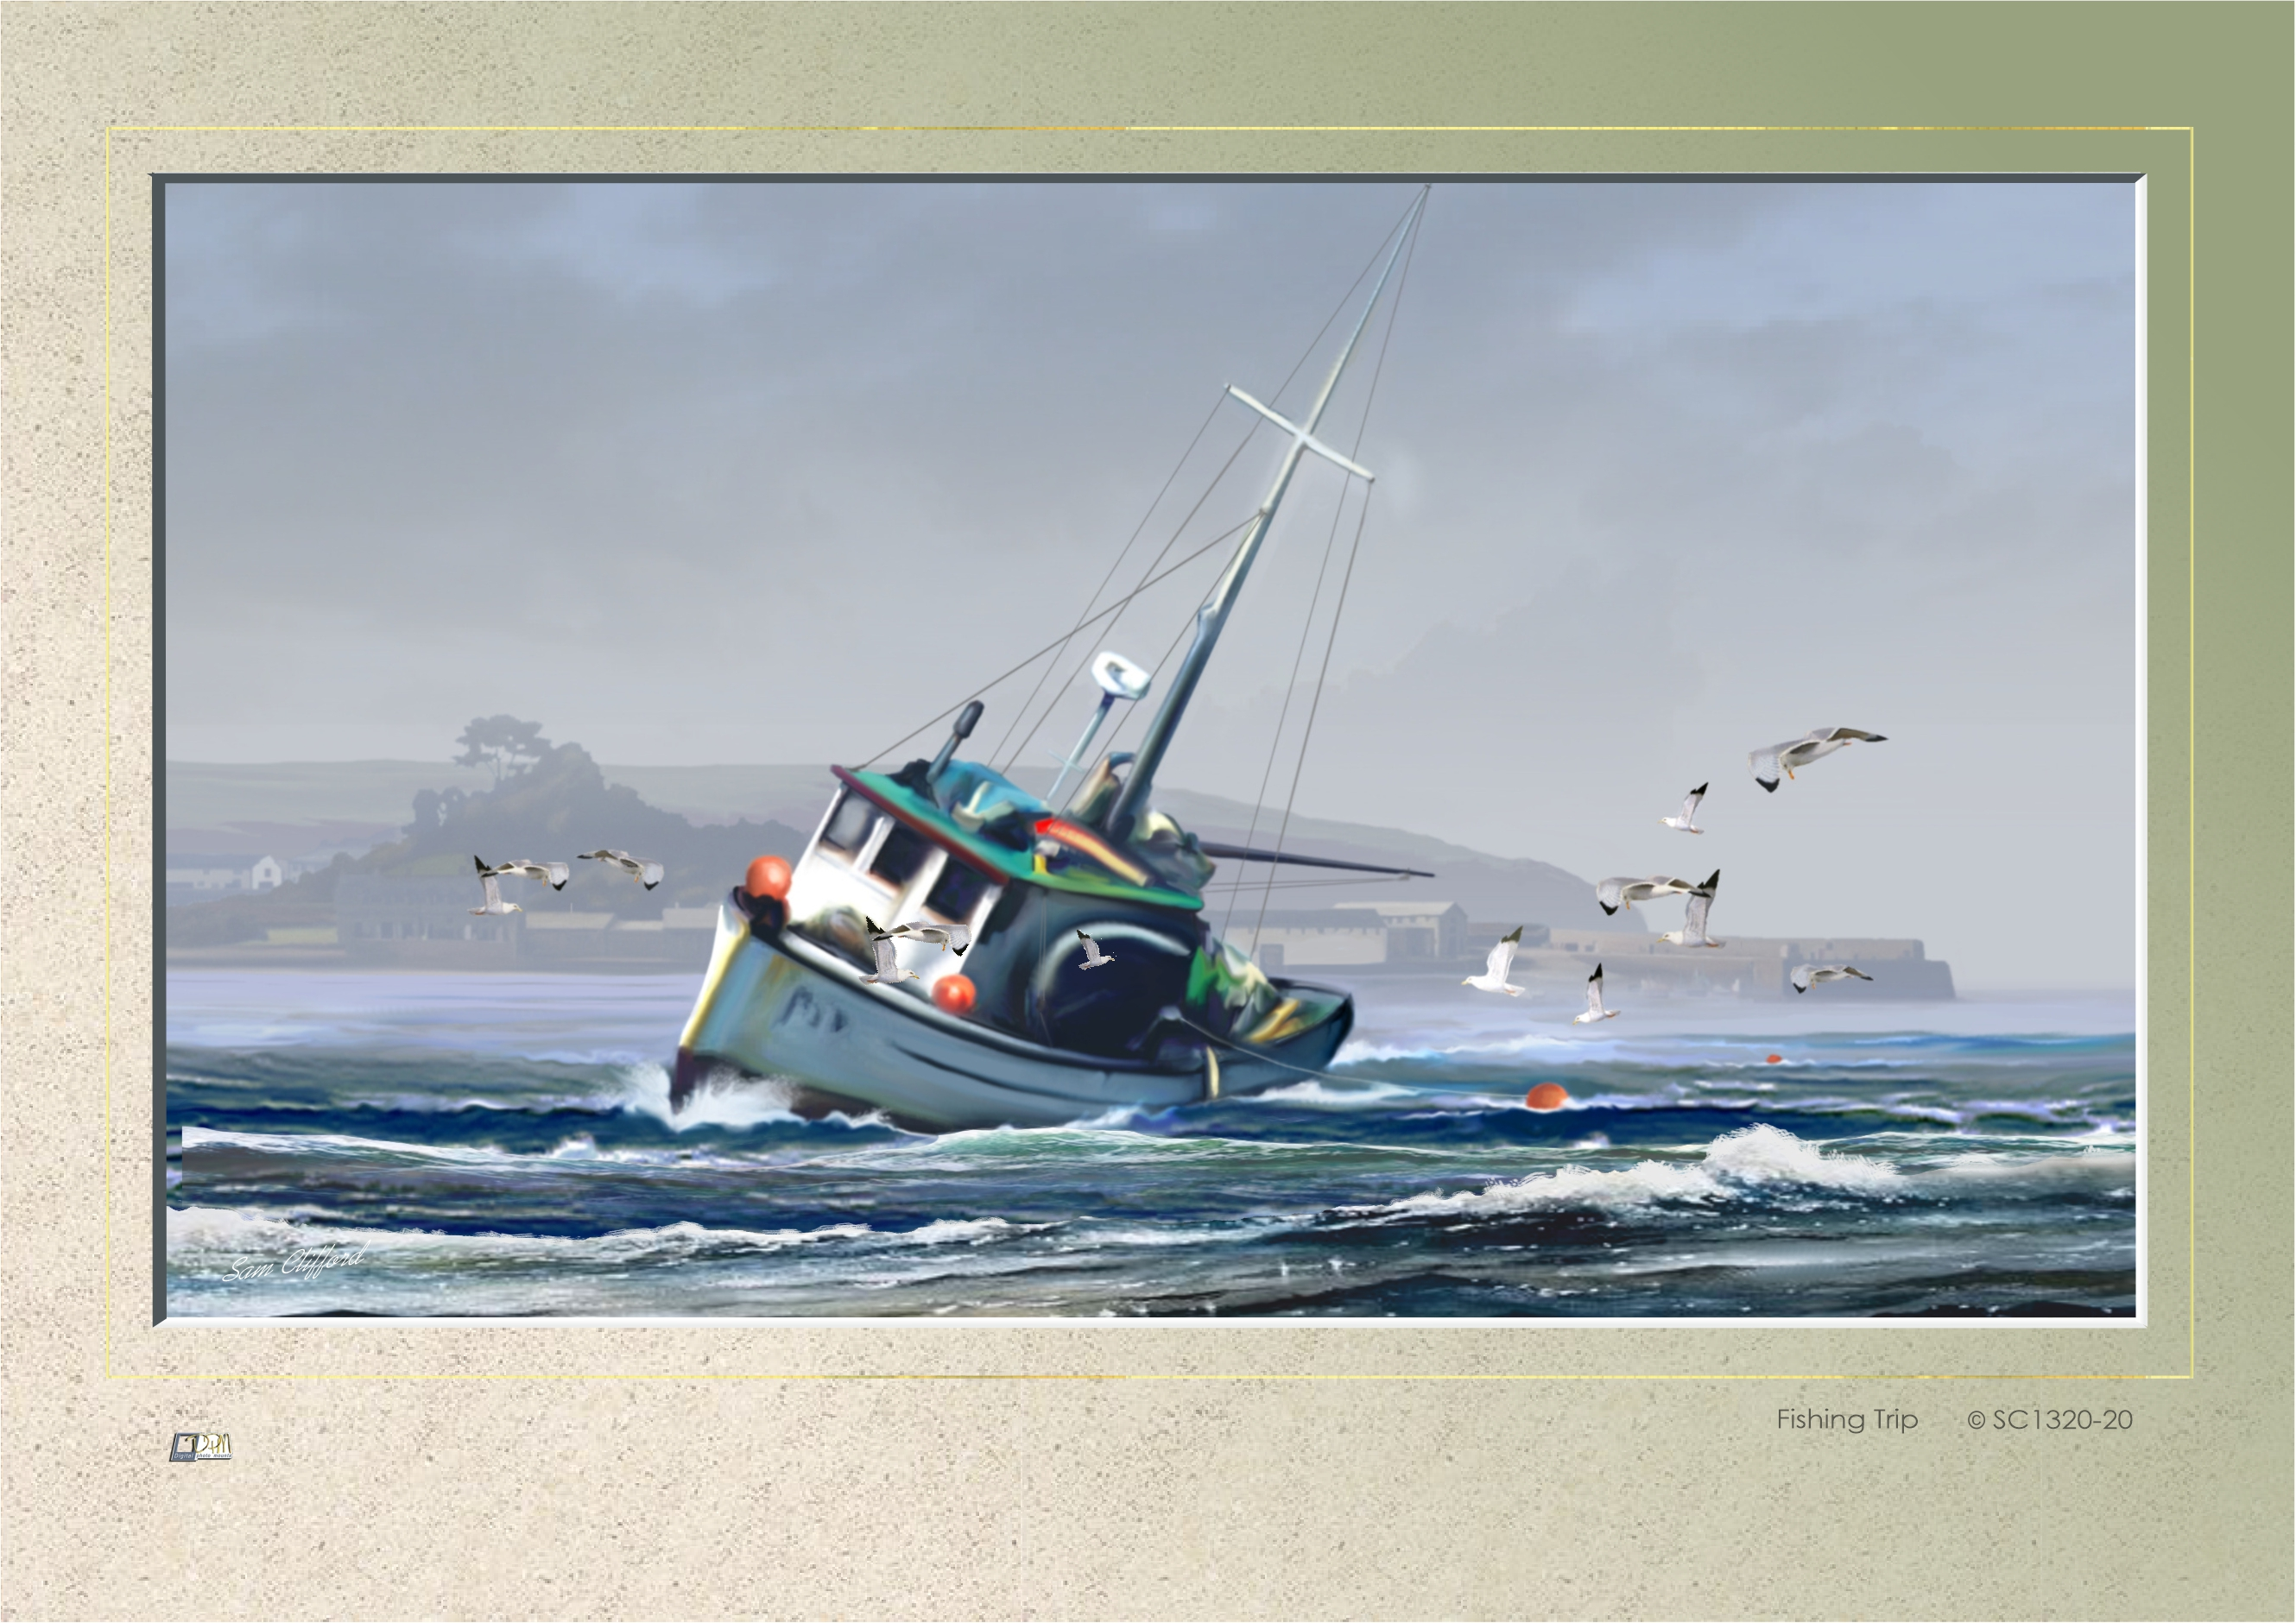 Fishing Trip  code: SC1320-20